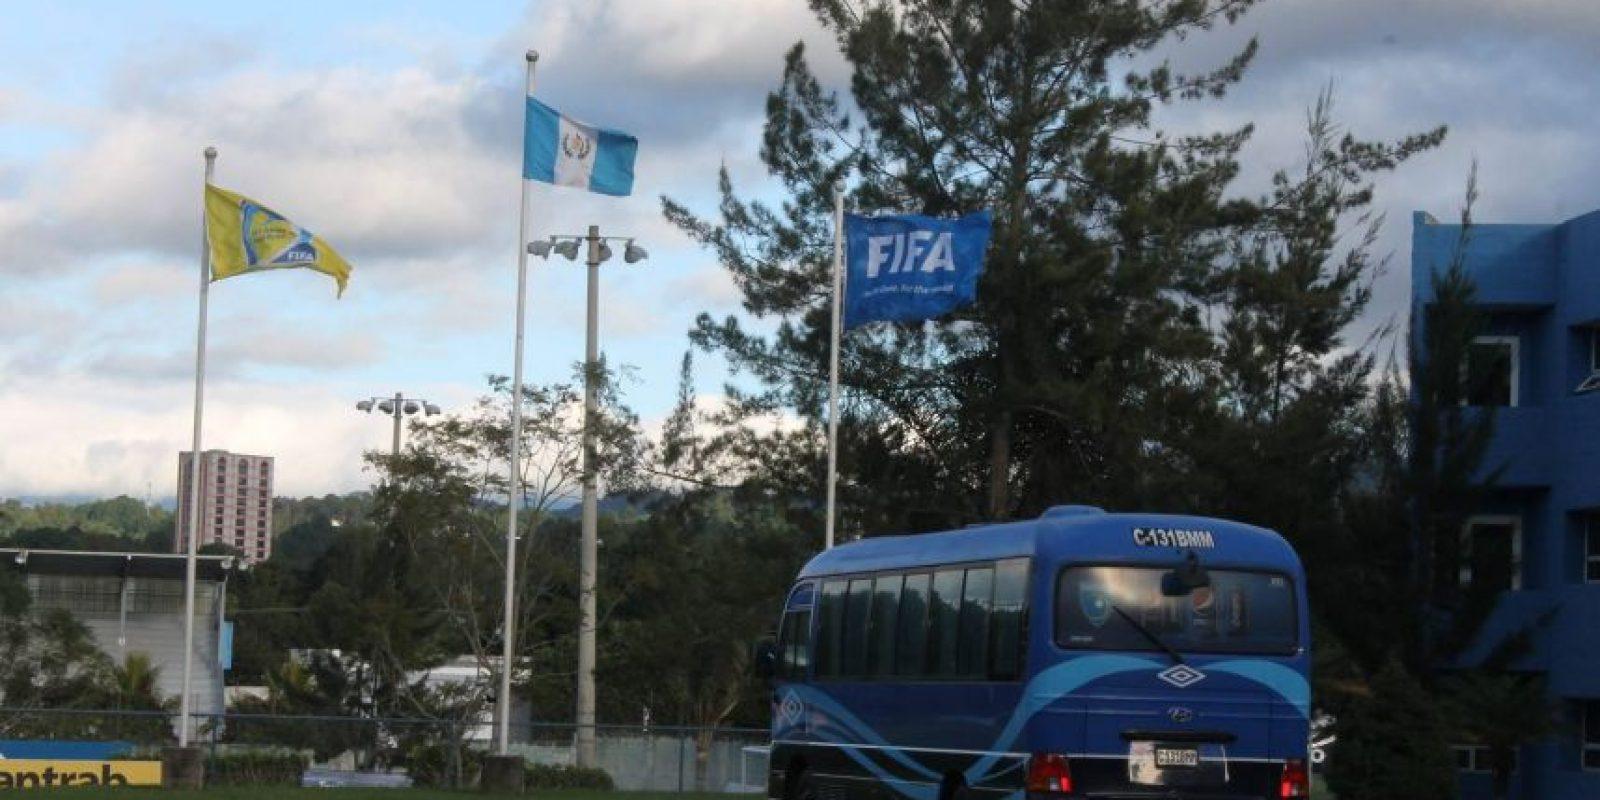 Uno de los buses en los que se transportan las diferentes selecciones de fútbol del país. Foto:Publinews